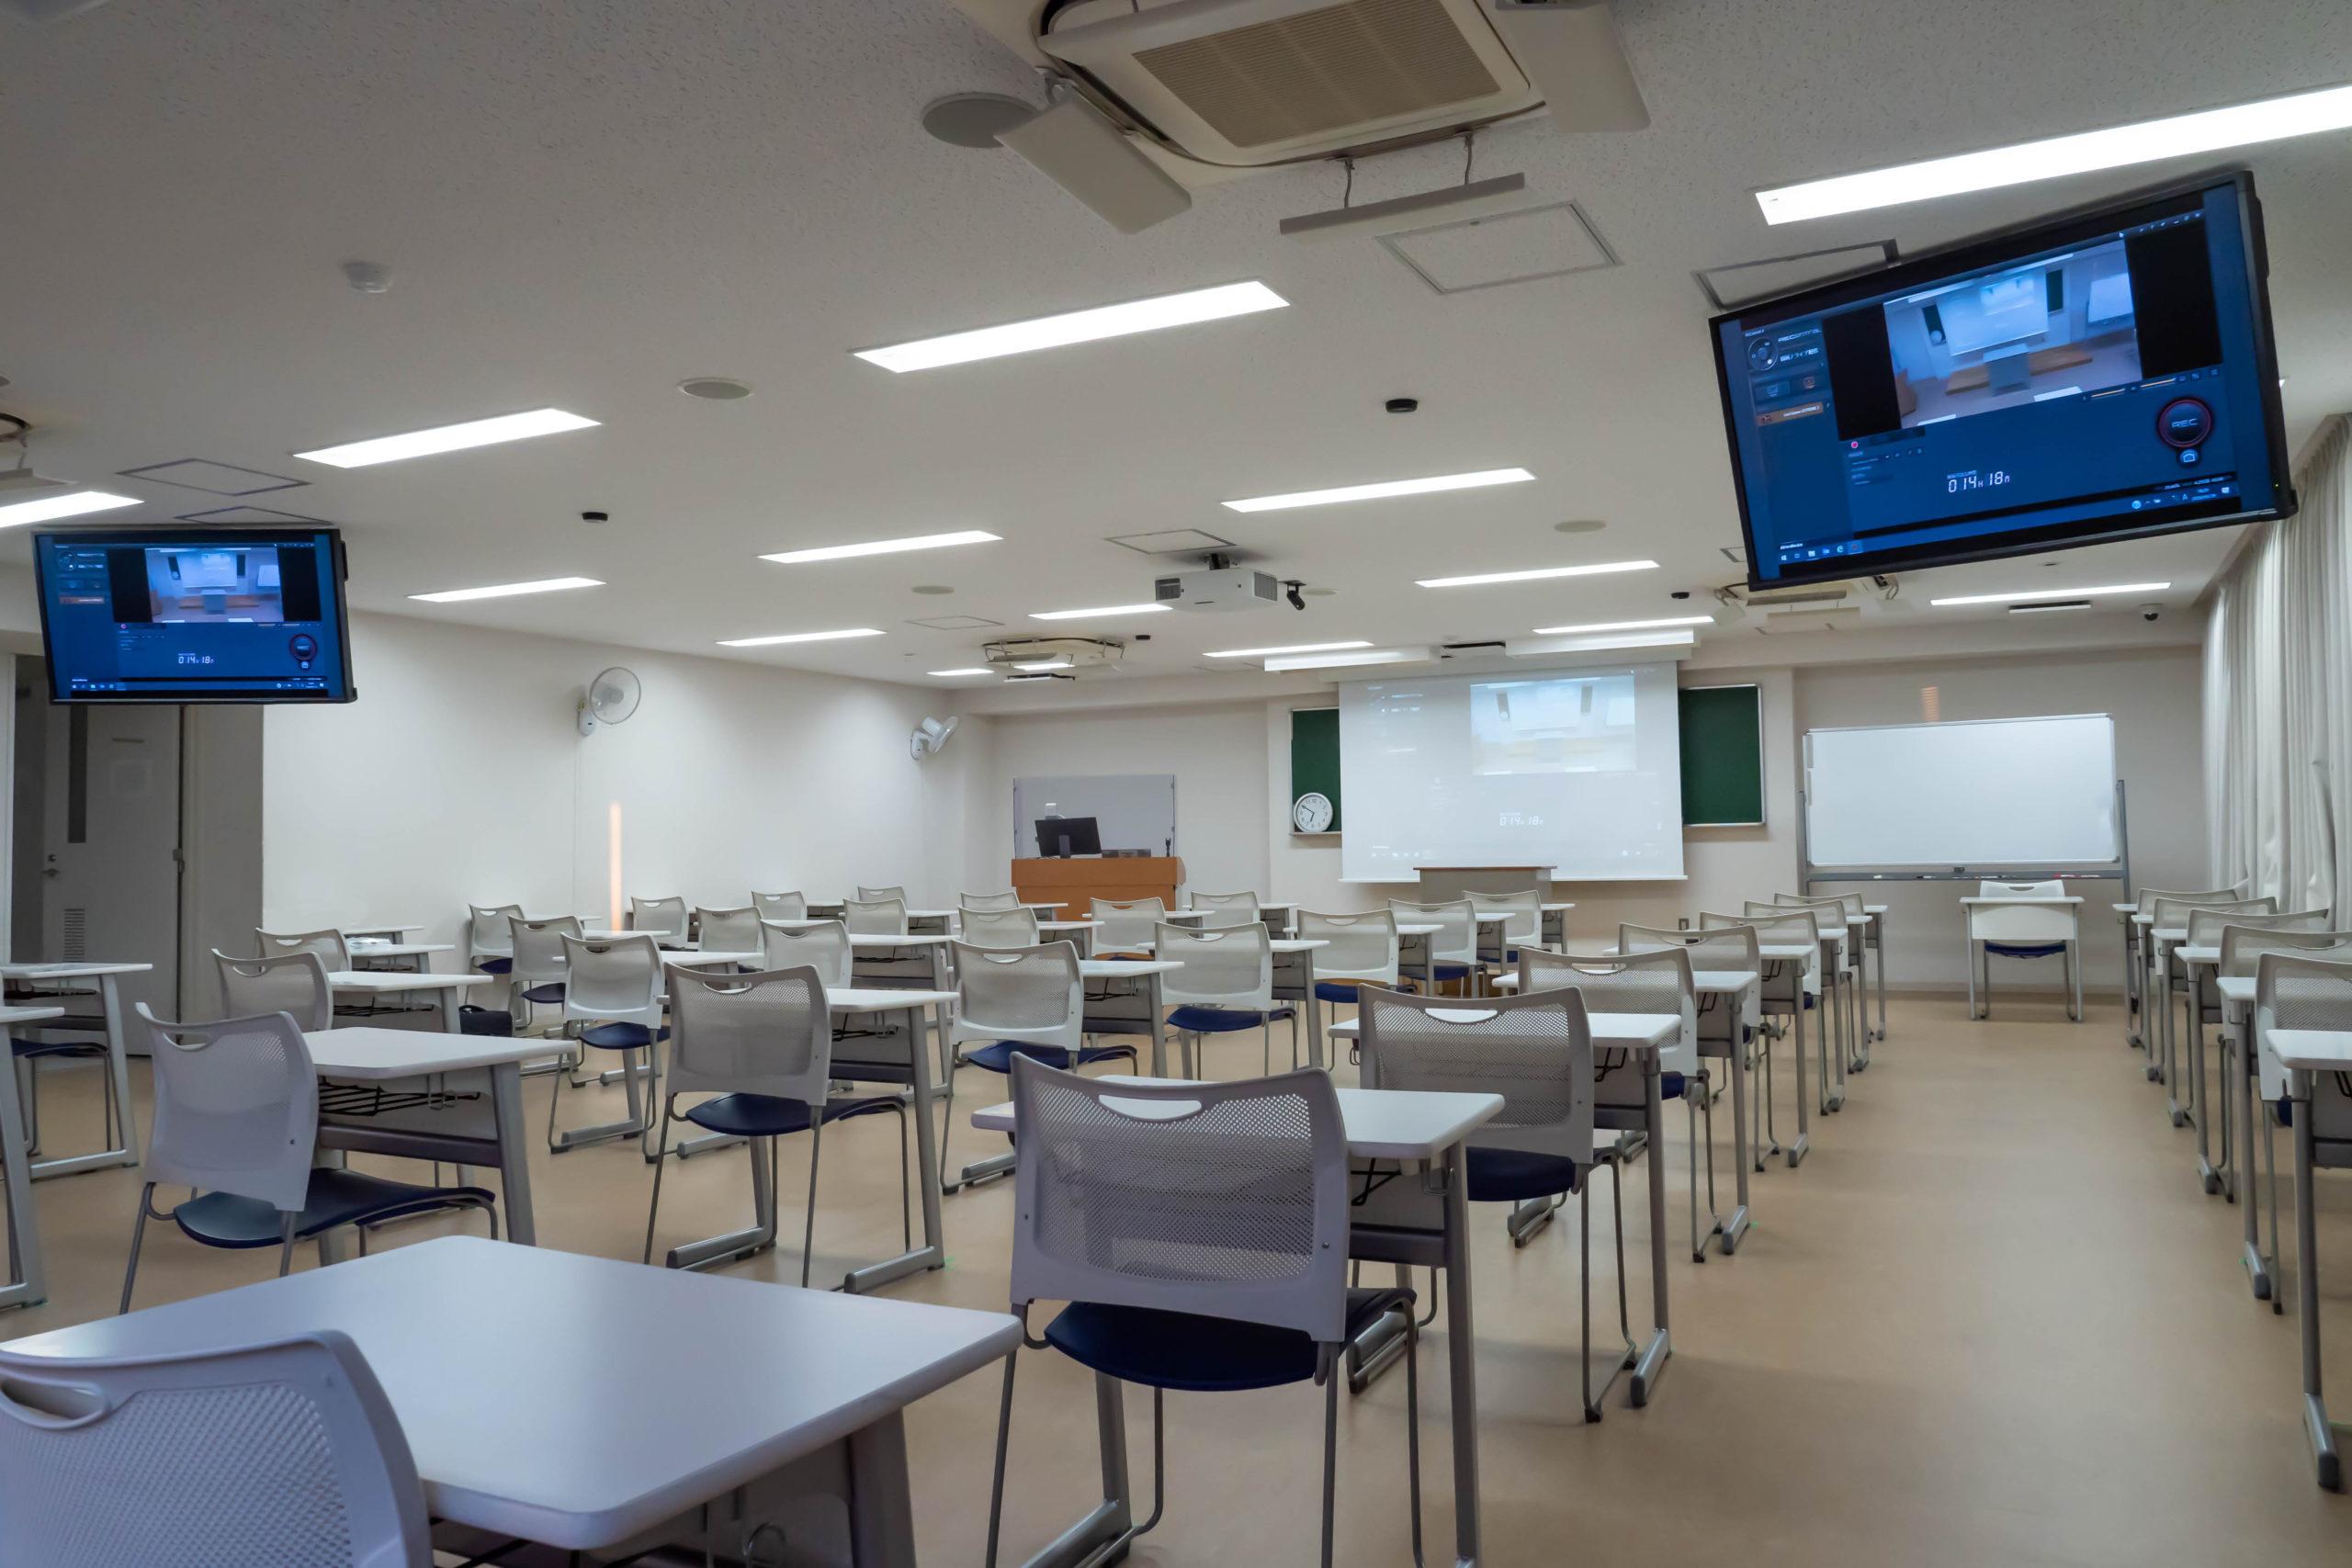 大阪歯科衛生士専門学校,ライブ配信システム